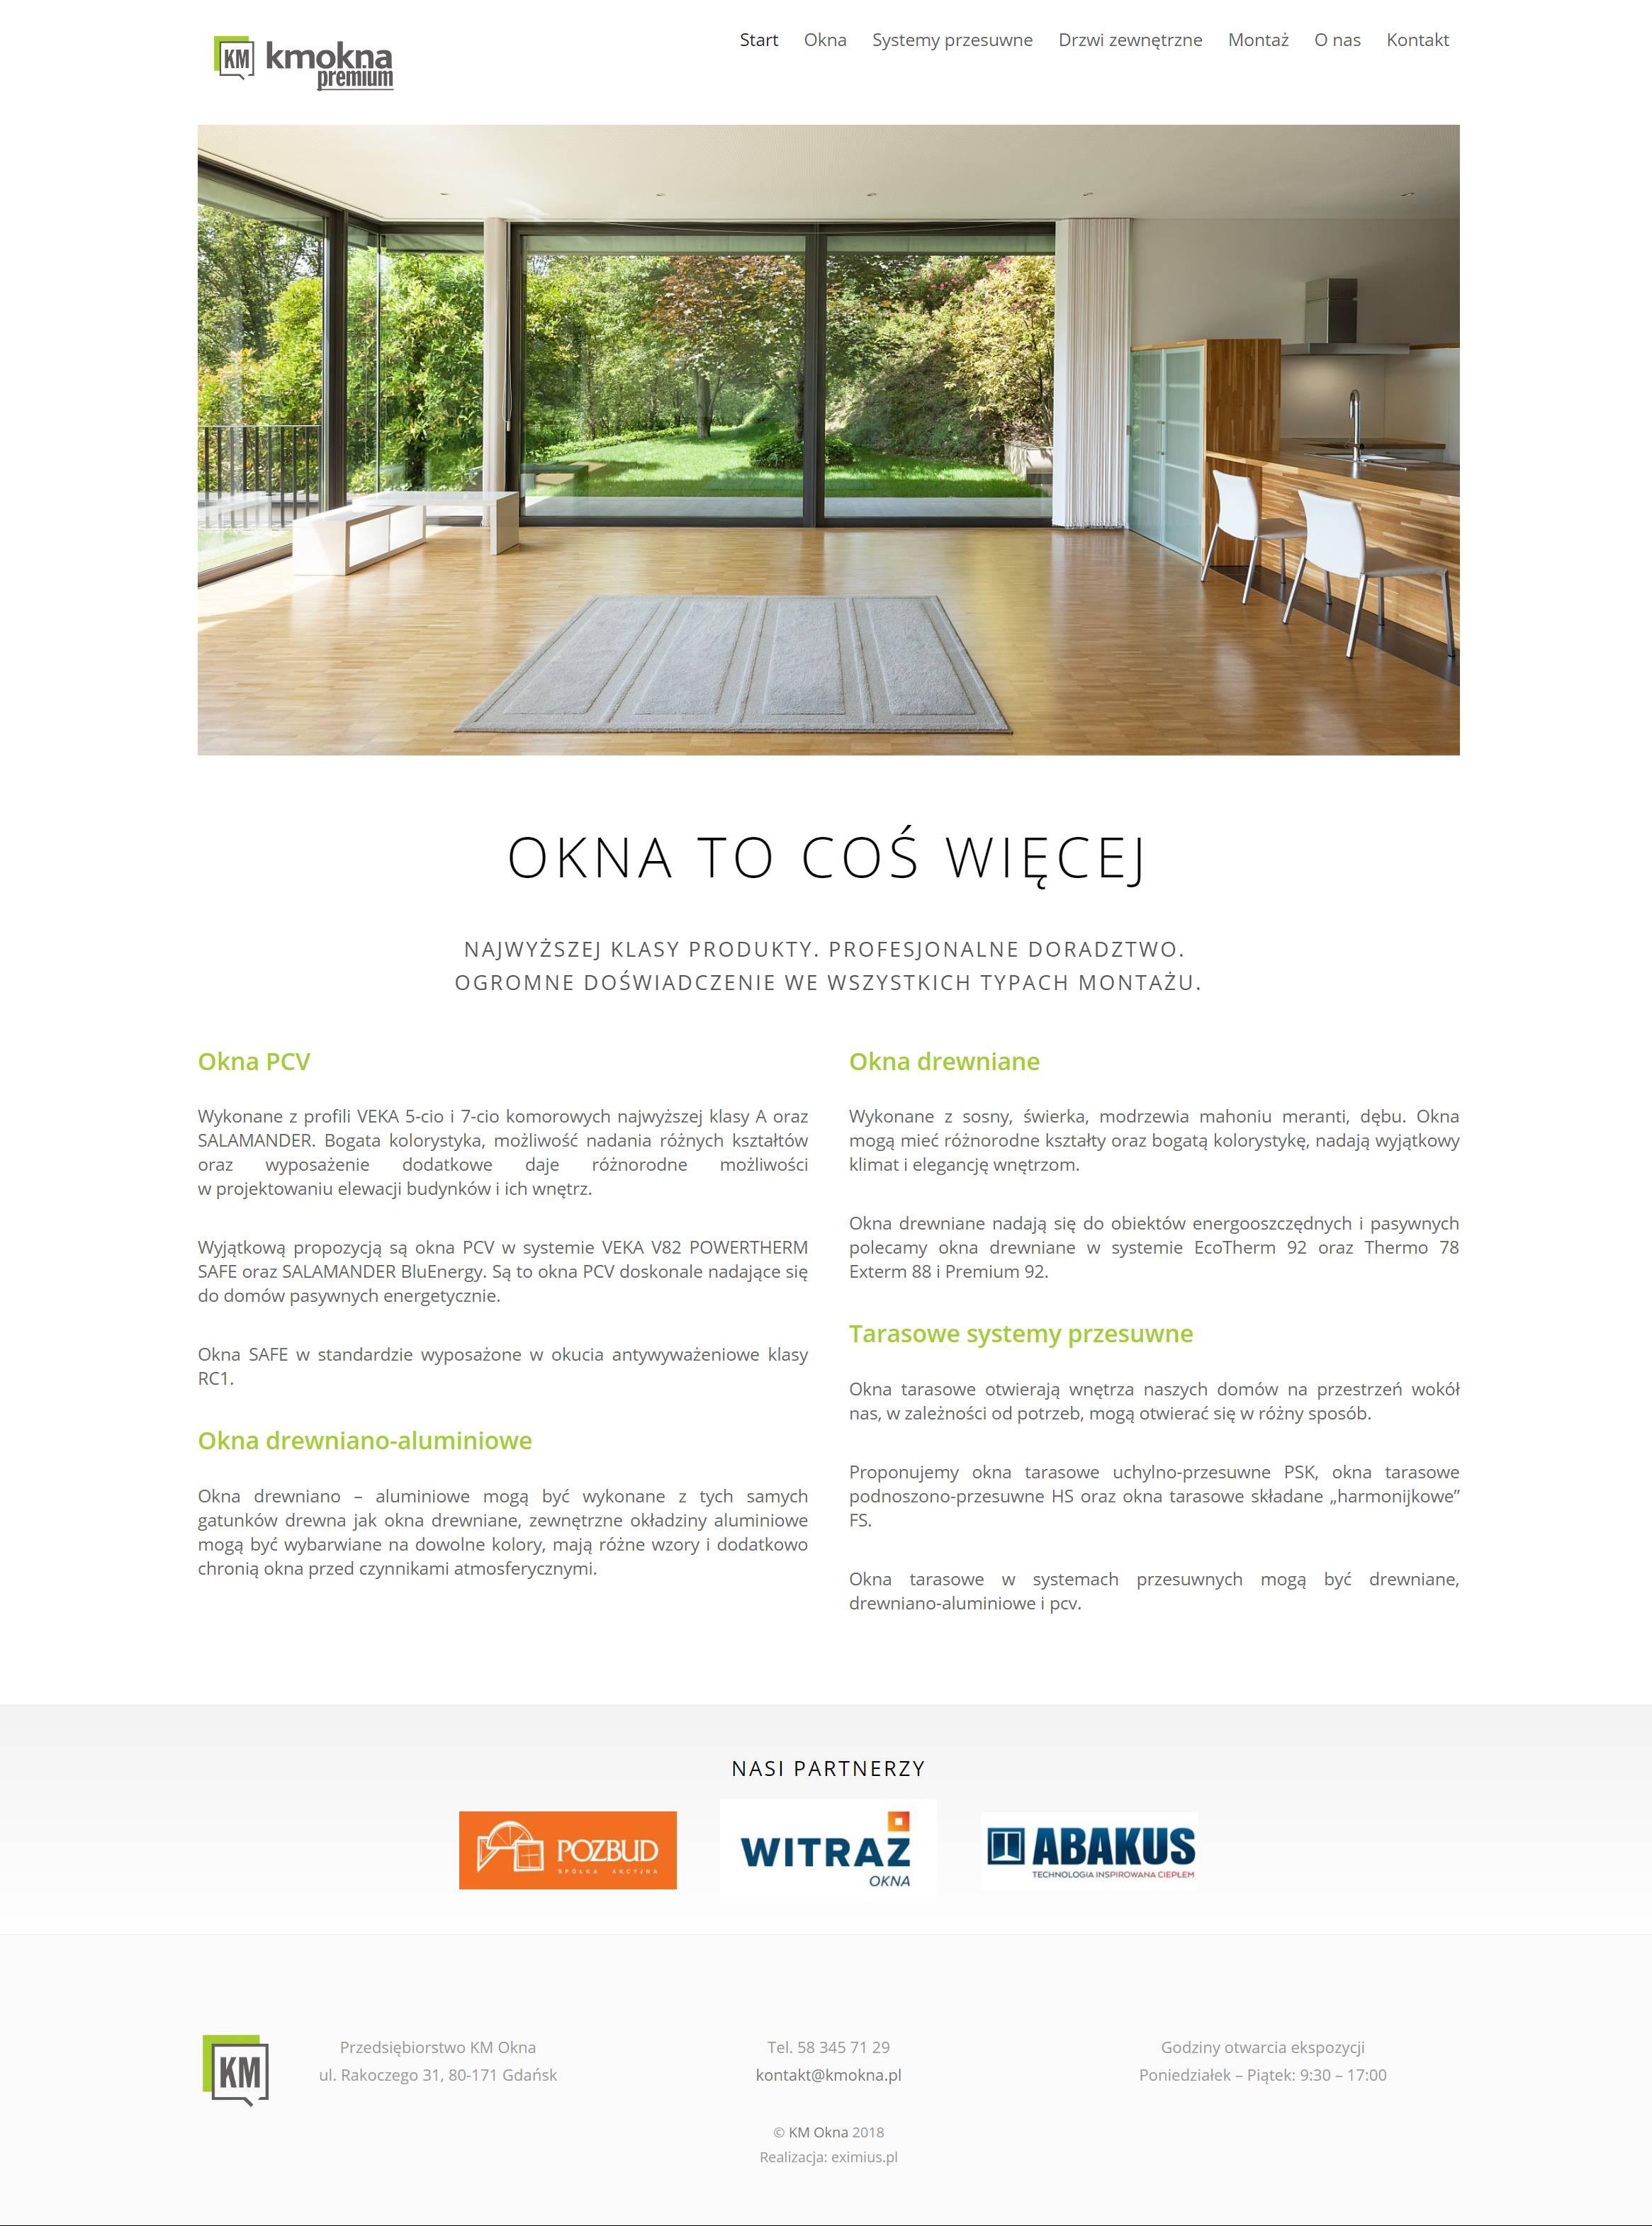 projektowanie-budowa-stron-internetowych-wordpress-responsywne-strony-www_firma-handlowa-okna